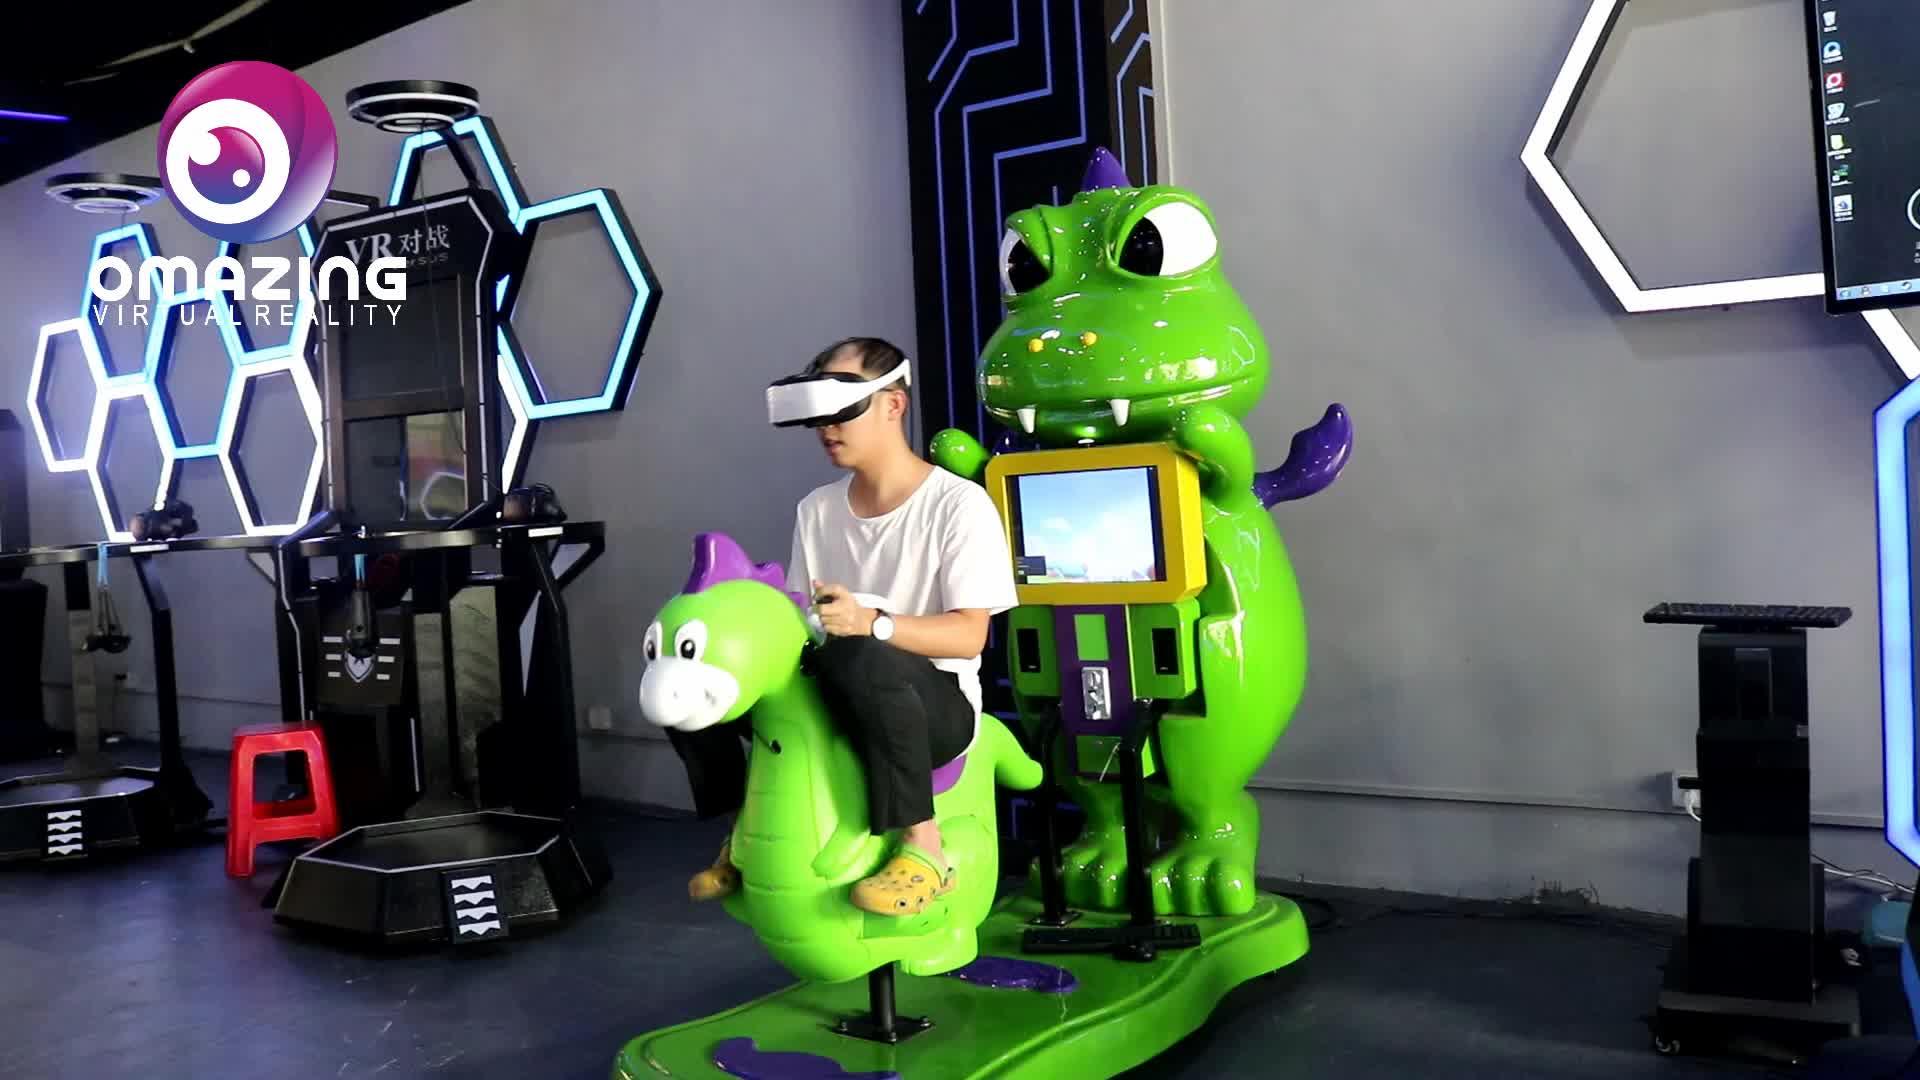 Afreshtech ילדים vr סימולטור ילדי 9d Vr משחק מכונת VR כבשים לרוץ